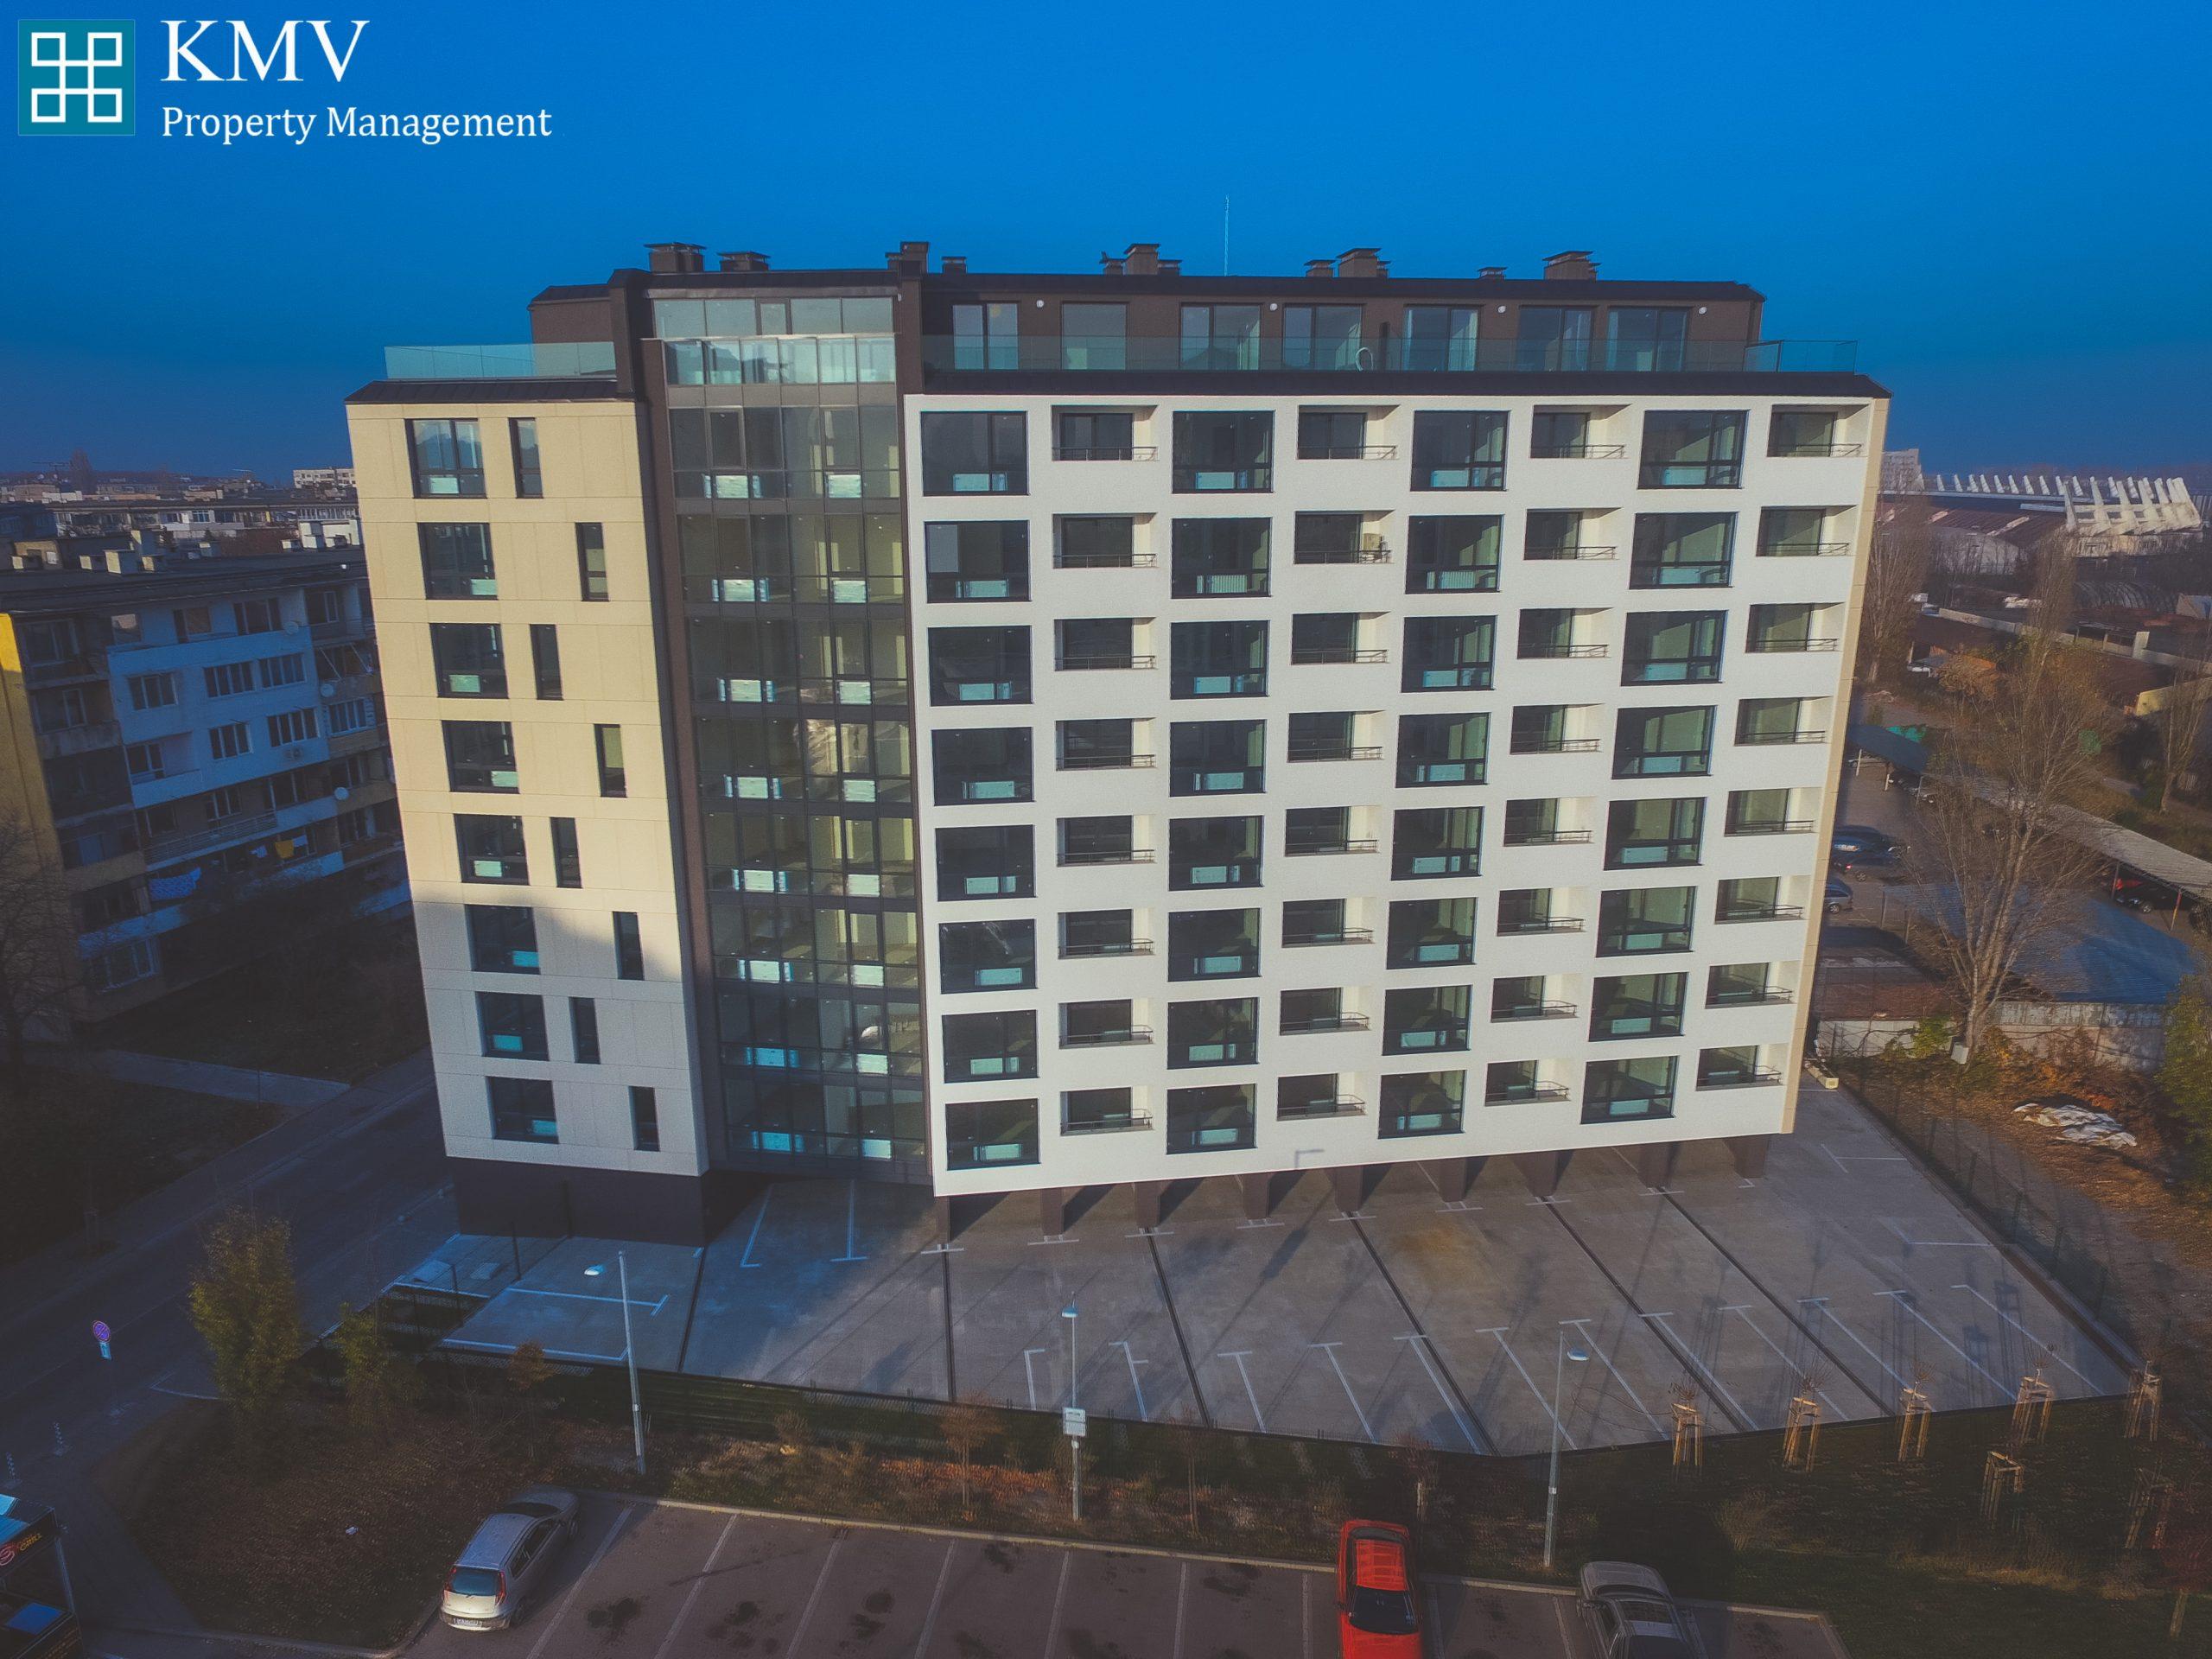 Тристаен апартамент в кв. Надежда II – с АКТ16